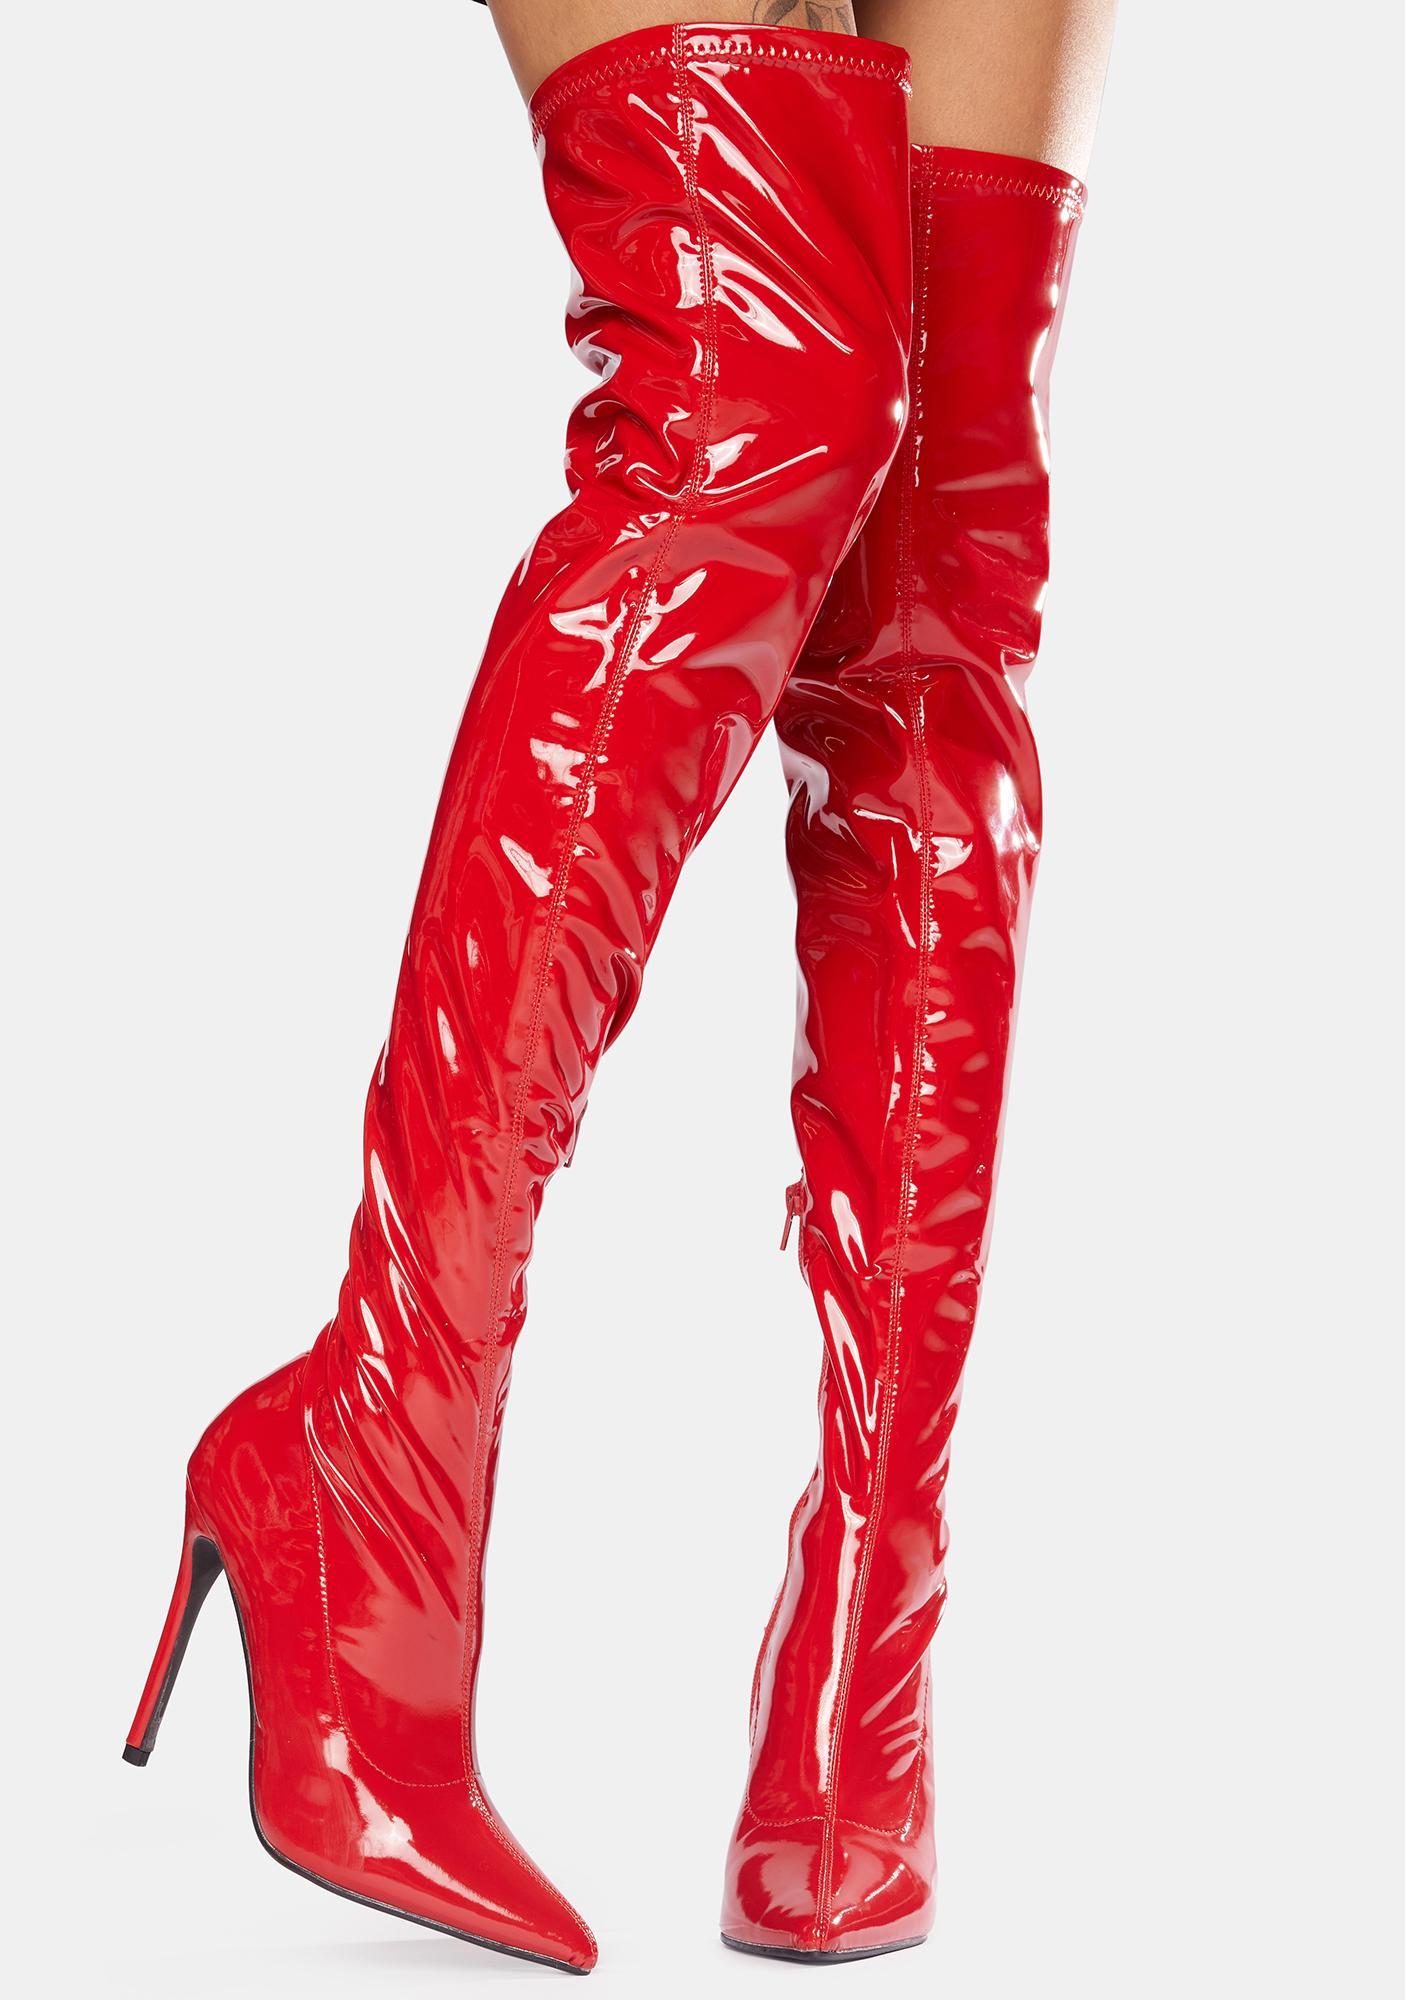 Public Desire Red Confidence Patent Stiletto Boots